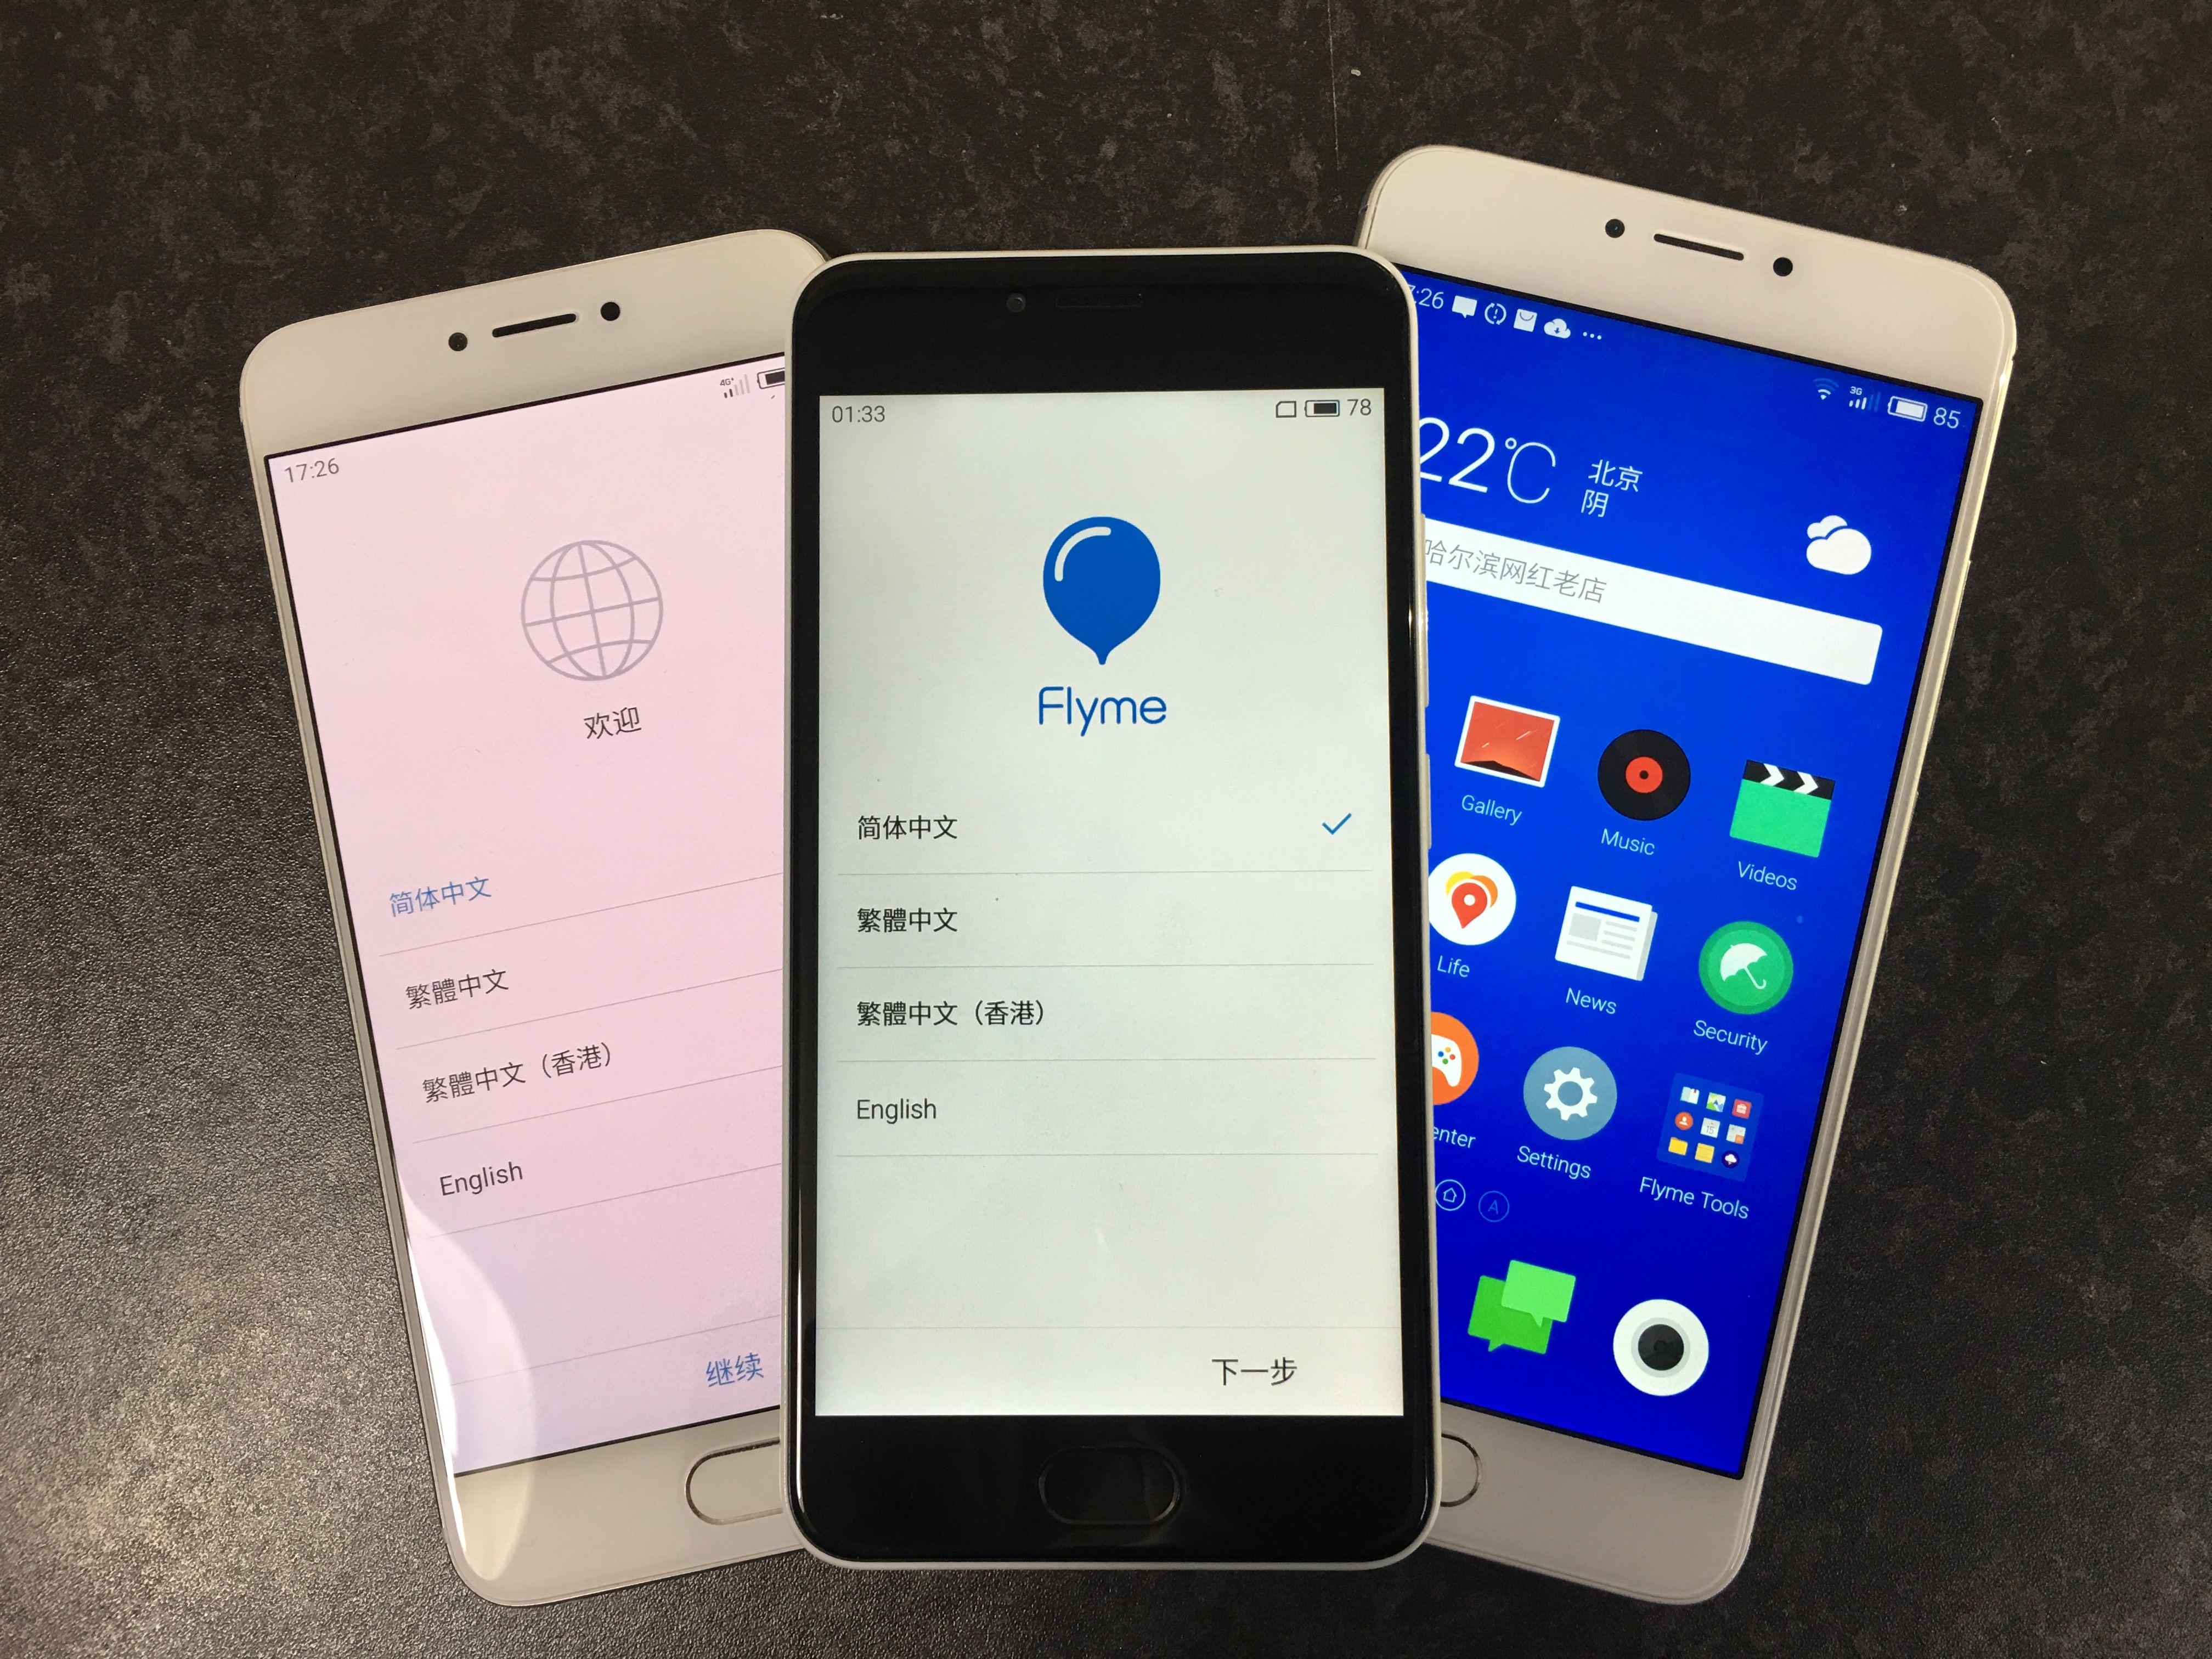 GearBestで購入したスマートフォンを公式のROMに書き換える方法